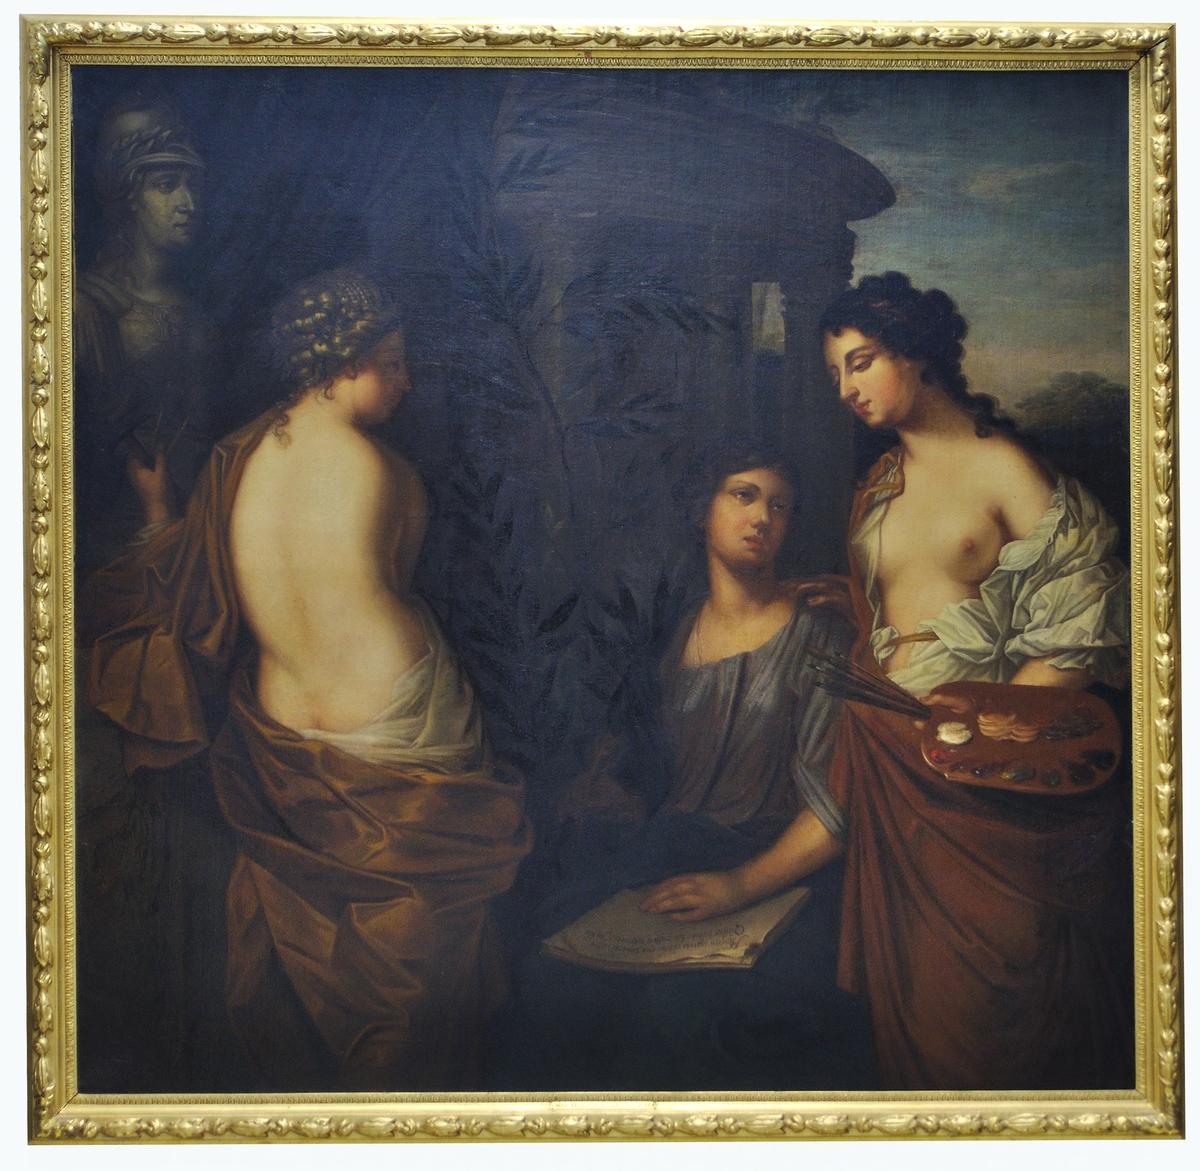 Nedanför drottning Kristinas byst, här i symbolisk dräkt som krigskonstens gudinna Minerva (romersk) eller Athena (grekisk), sitter tre kvinnliga figurer vilka symboliserar tre av De sköna konsterna; Skulptur, Poesi och Måleri. Traditionellt brukar även Arkitektur och Musik räknas till De sköna konsterna. Minerva var visdomens och den strategiska krigskonstens gudinna. Hon framställdes med krigiska, manliga attribut som hjälm, lans och sköld, men även som beskyddare av konster och vetenskap.